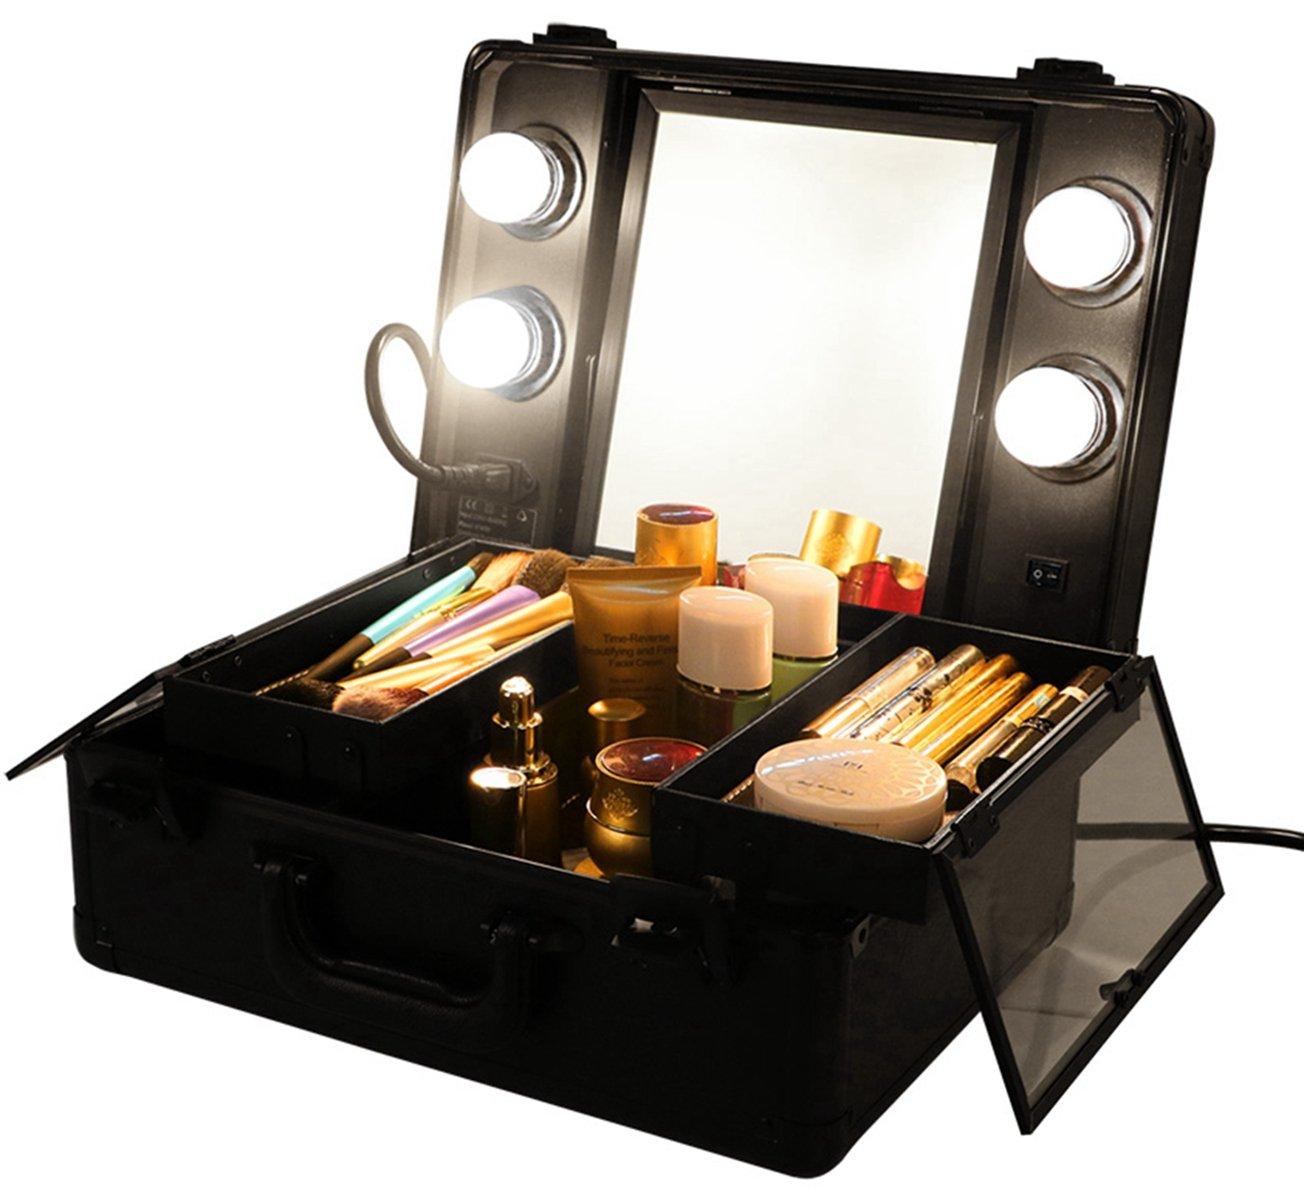 LUVODI Malette Maquillage Professionnel avec Lumiere LED & Miroir Boîte Maquillage Coffret Rigide Bijoux et Cosmétique Beauty Case Voyage 37 x 27 x 16.5 cm Noir